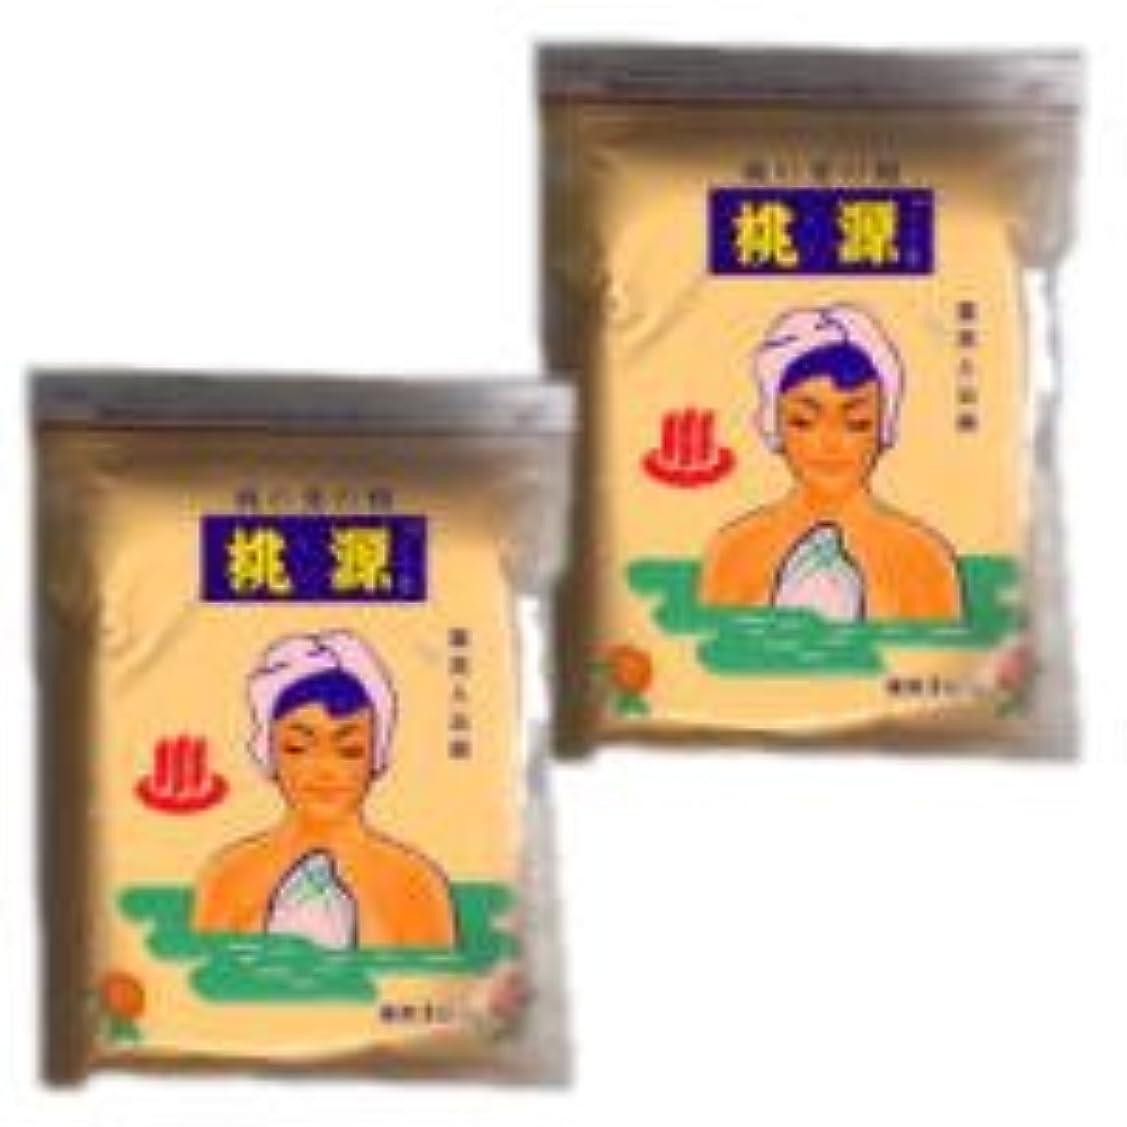 使用法口強い桃源(とうげん)s 桃の葉の精 1000g 袋入り 2個